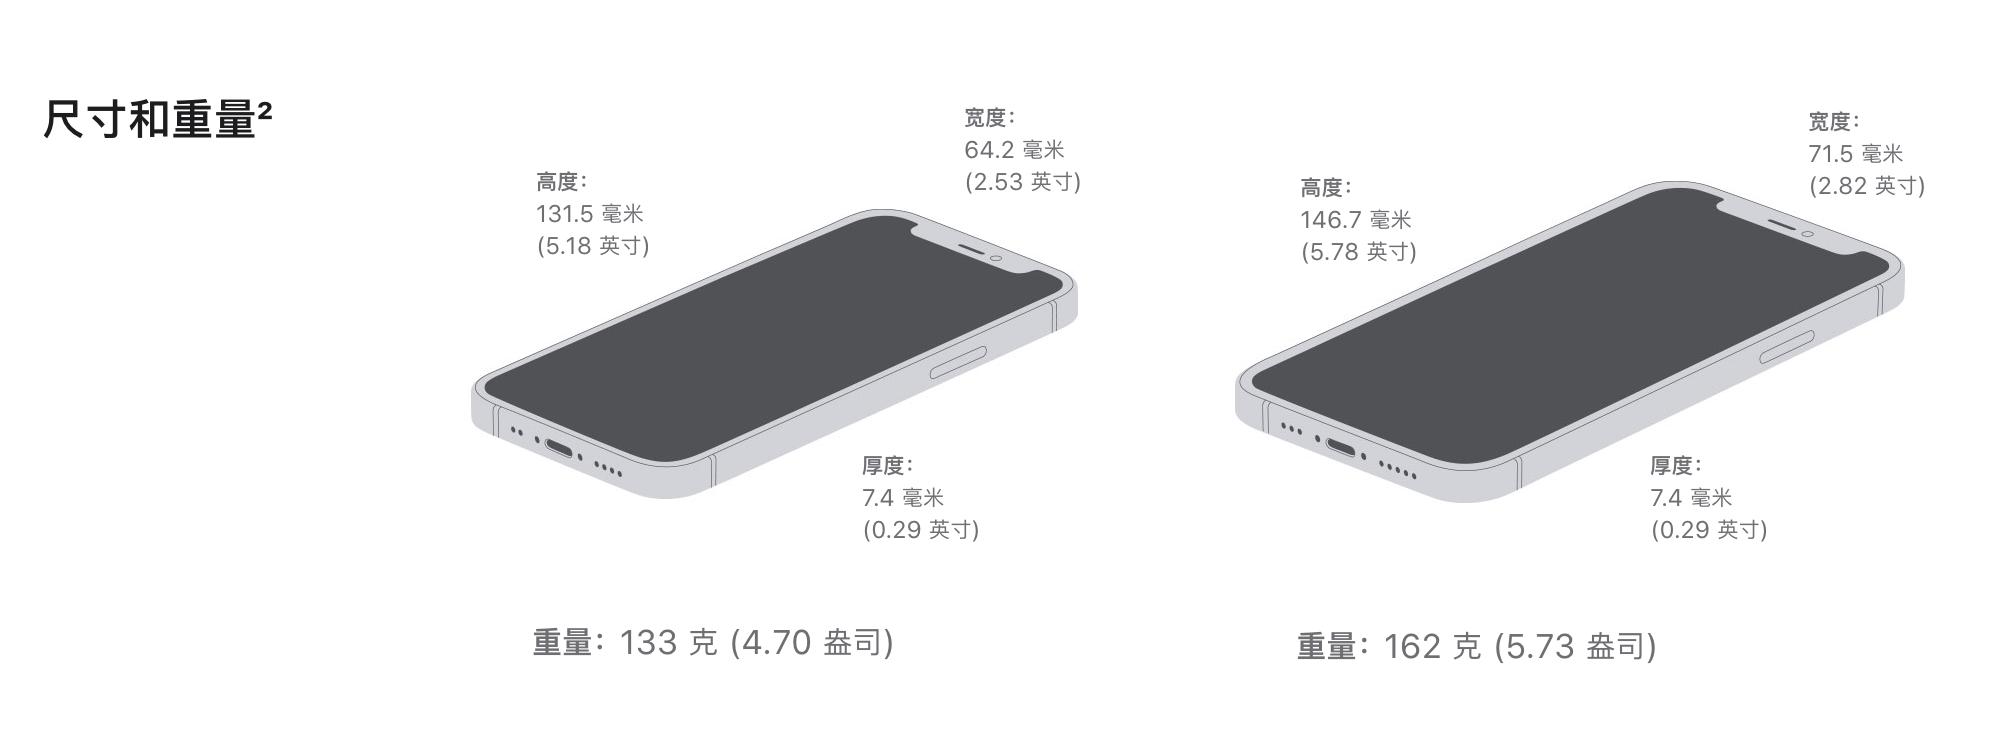 手机资讯:iPhone 12续航怎么样能看多久视频